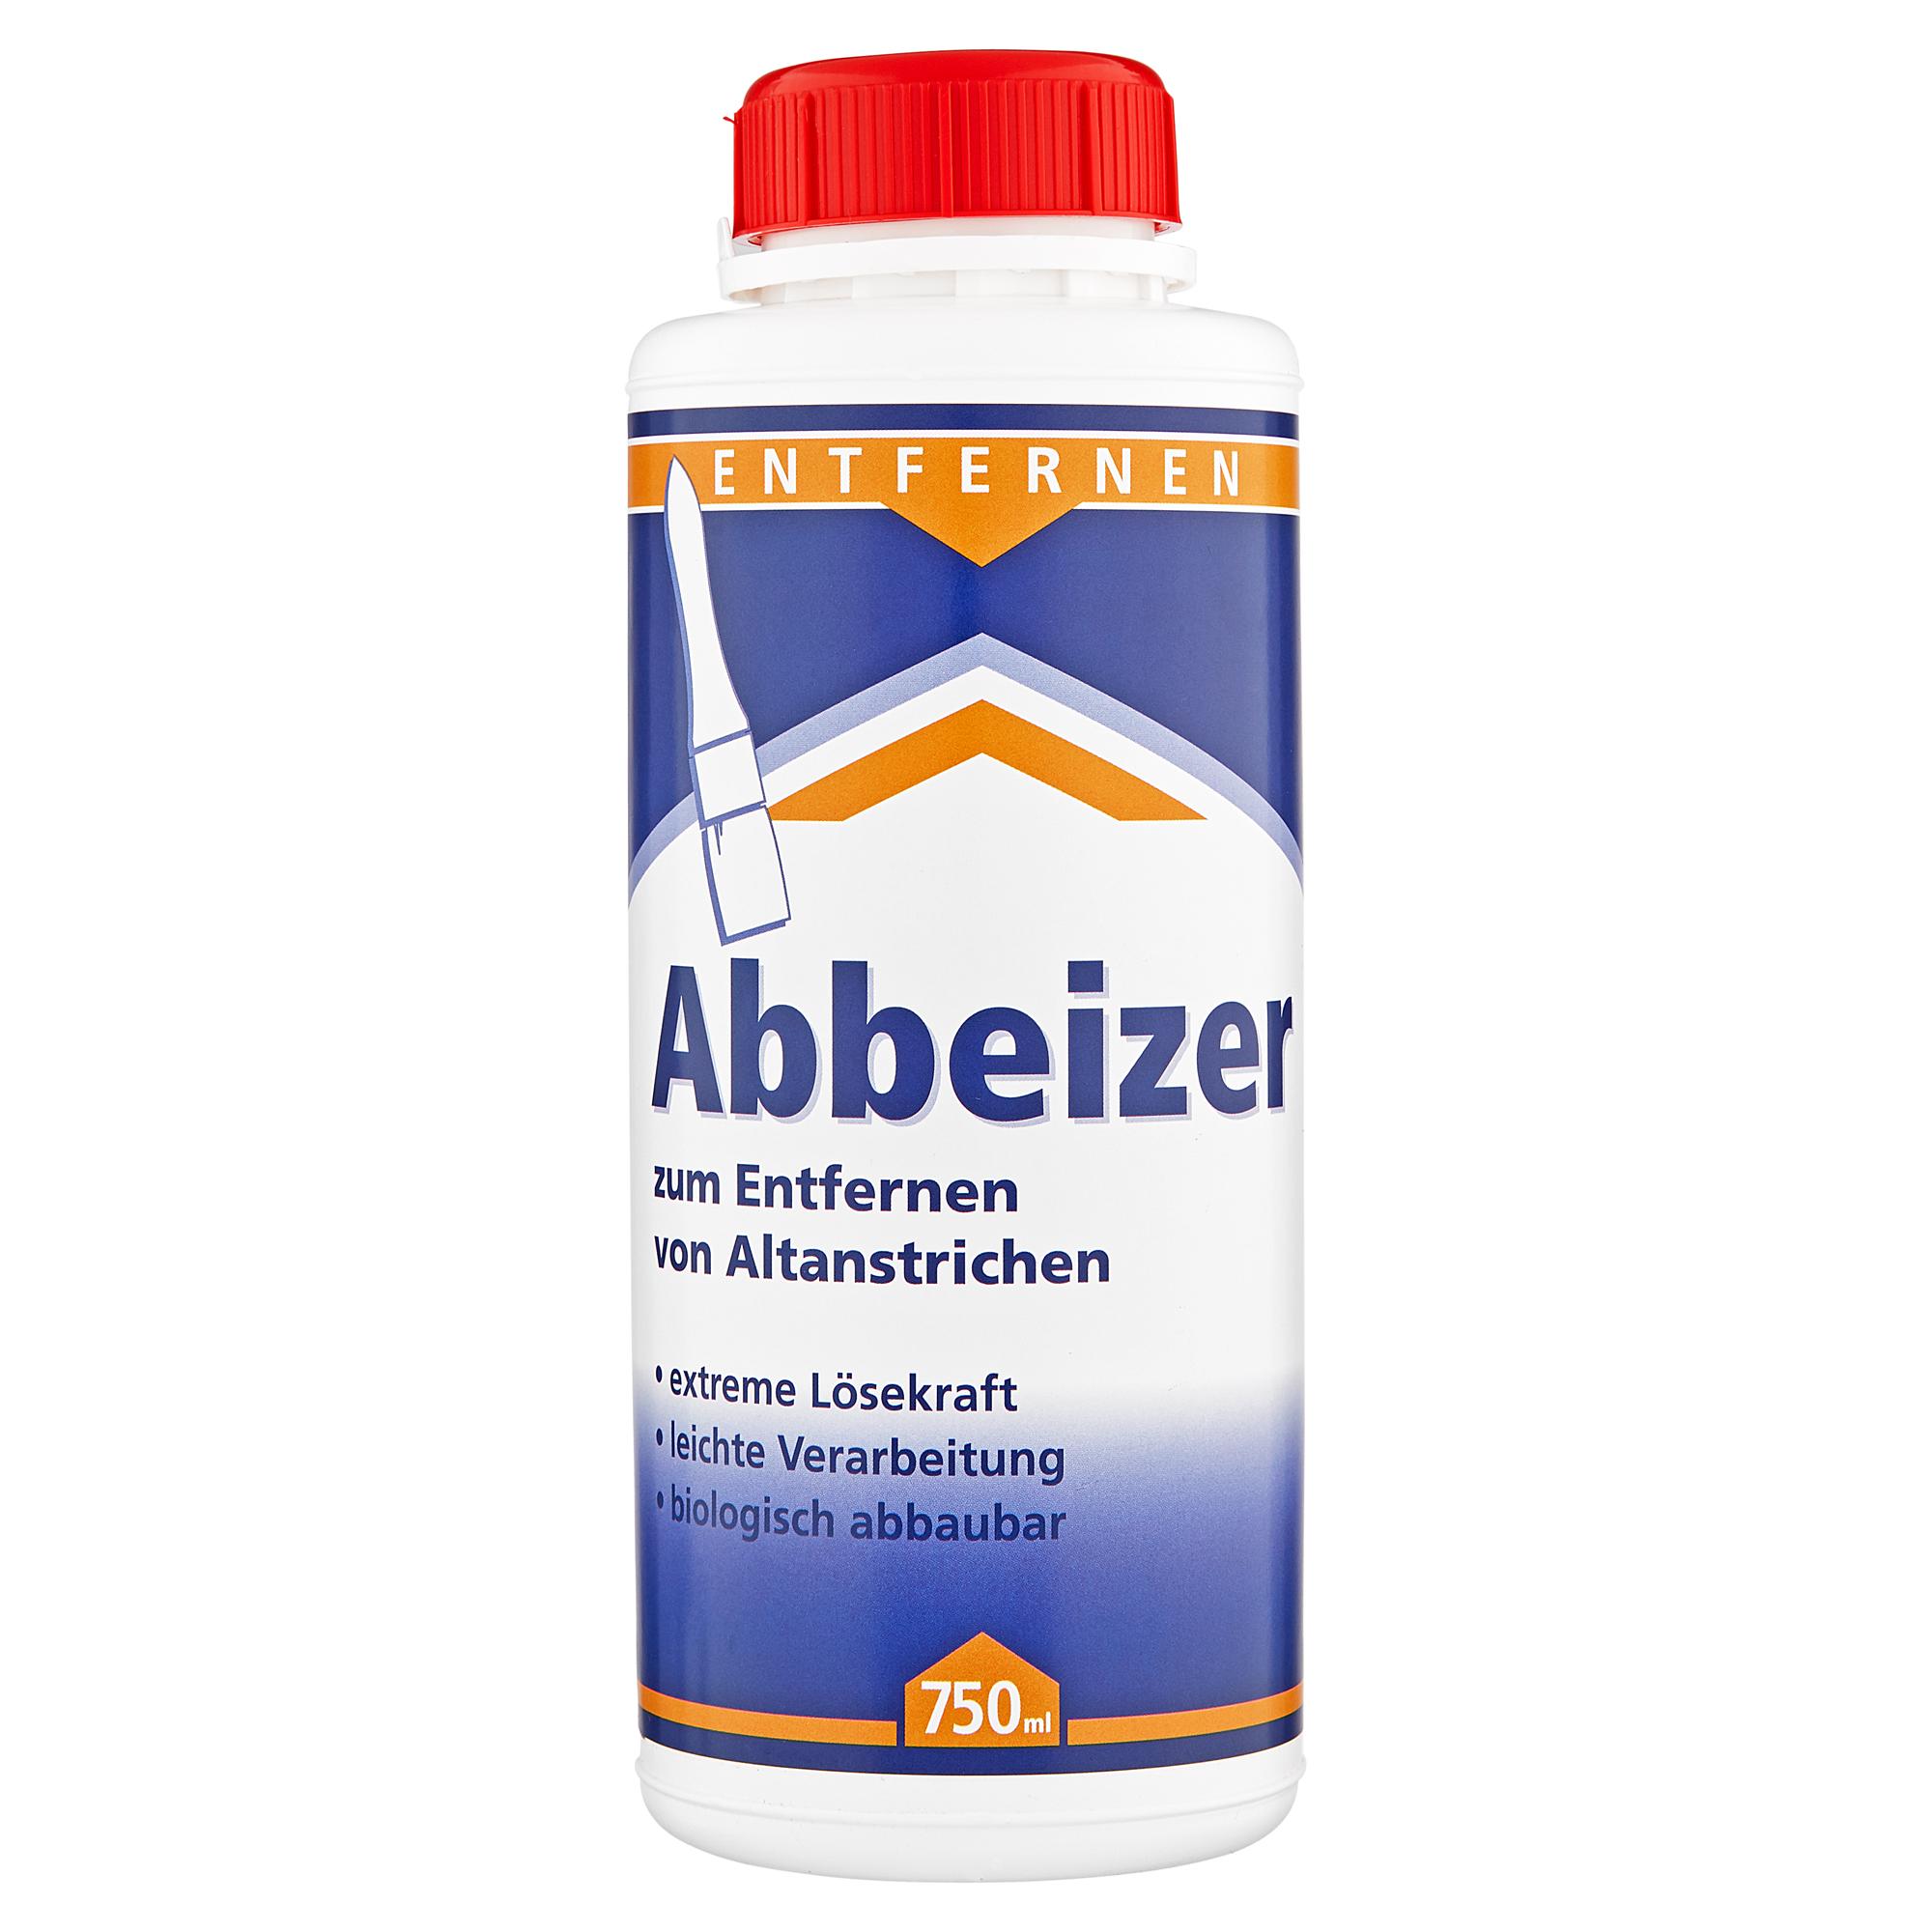 abbeizer 750 ml ǀ toom baumarkt